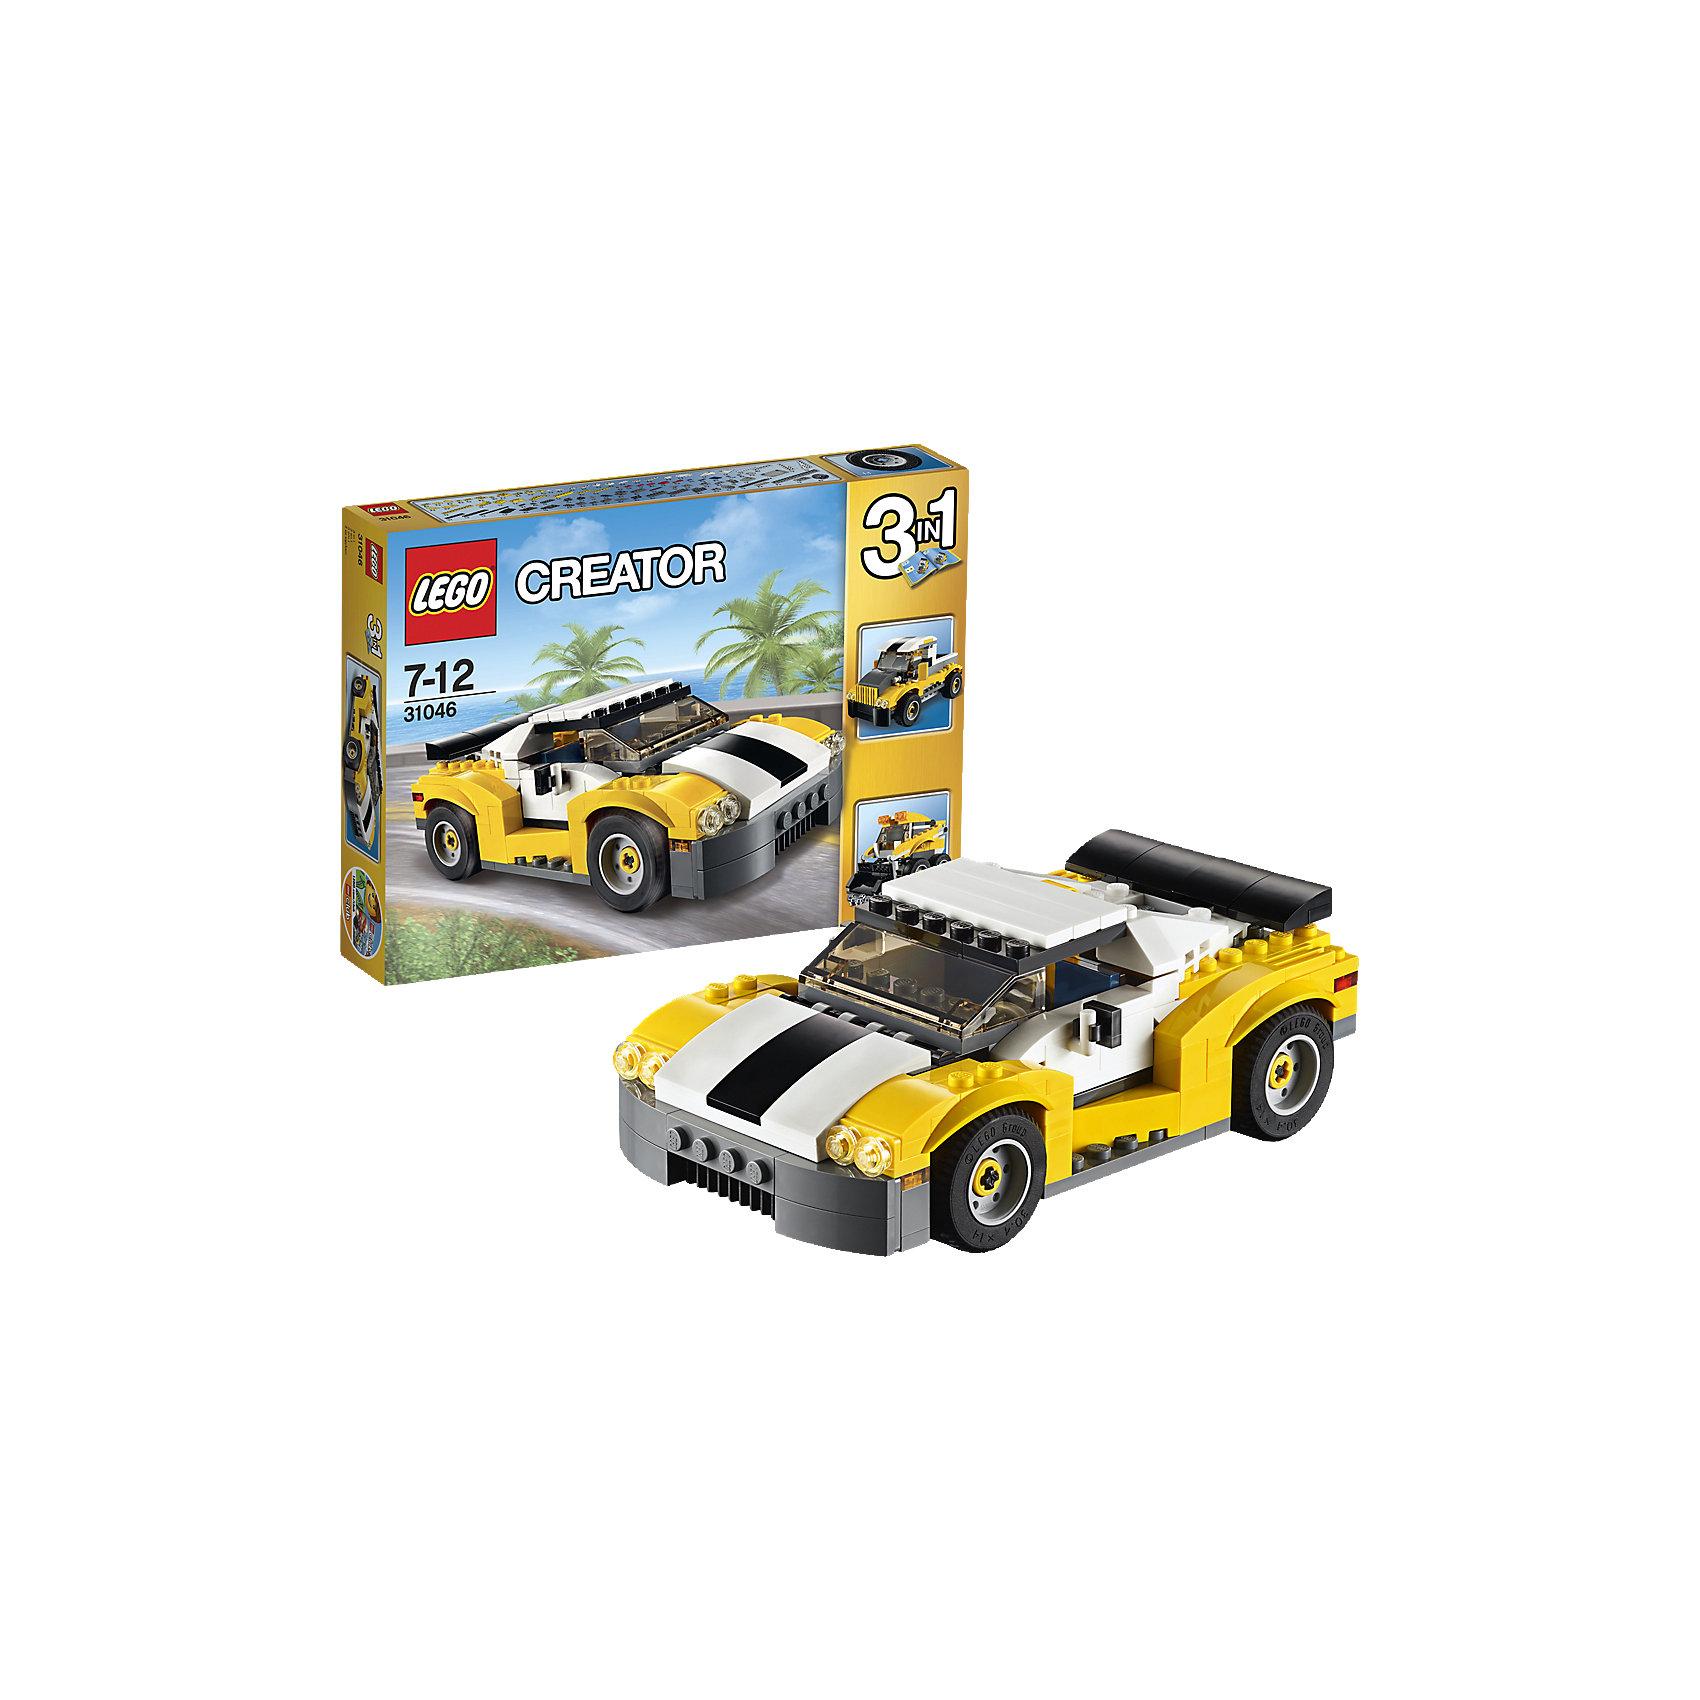 LEGO Creator 31046: КабриолетВыезжай на дорогу на удивительном спортивном автомобиле, имеющем спойлер, стильные диски с низкопрофильными шинами, открывающийся верх кузова и детализированный двигатель. Открой двери, садись за руль и наслаждайся скоростью, испытывая удивительные возможности этого кабриолета! Перестрой его в грузовик-пикап или погрузчик с бортовым поворотом.<br><br>LEGO Creator (Лего Криэйтор) - серия конструкторов Лего, с помощью которых можно создать самые невероятные и детализированные постройки, оригинальных героев, необыкновенные транспортные средства. Из деталей одного набора можно построить несколько разных моделей. С конструкторами Лего Криэйтор ребёнок сможет каждый день придумывать новые игровые сюжеты, создавать фантастический мир, воплощая фантазии в реальность.  <br><br>Дополнительная информация:<br><br>- Конструкторы ЛЕГО развивают усидчивость, внимание, фантазию и мелкую моторику. <br>- Комплектация: автомобиль.<br>- Количество деталей: 222.<br>- Серия LEGO Creator (Лего Криэйтор).<br>- Материал: пластик.<br>- Размер упаковки: 26х4,6х19 см.<br>- Вес: 0.37 кг.<br><br>LEGO Creator 31046: Кабриолет можно купить в нашем магазине.<br><br>Ширина мм: 267<br>Глубина мм: 193<br>Высота мм: 50<br>Вес г: 374<br>Возраст от месяцев: 84<br>Возраст до месяцев: 144<br>Пол: Мужской<br>Возраст: Детский<br>SKU: 4259025